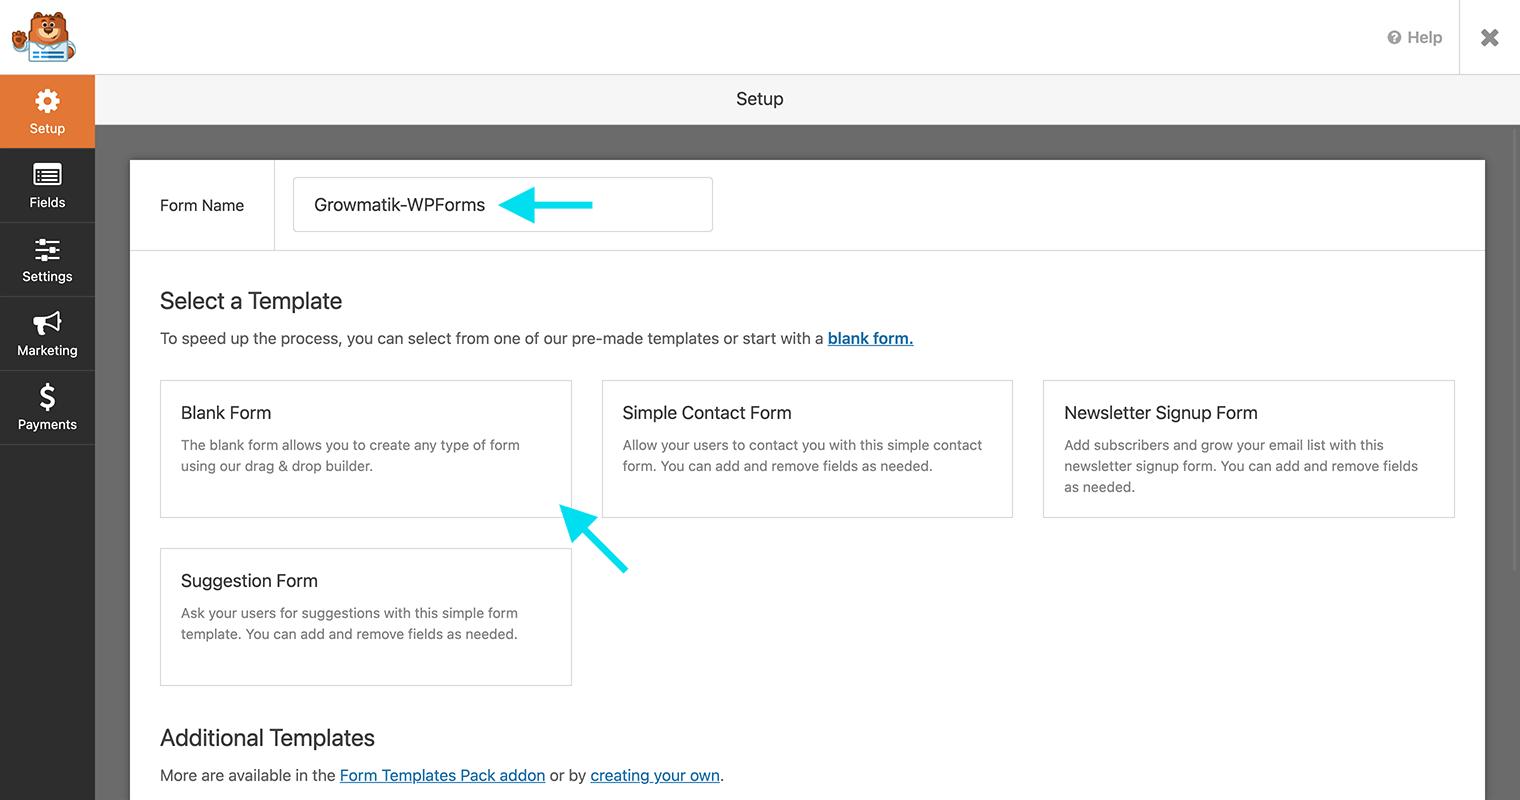 WPForms blank form